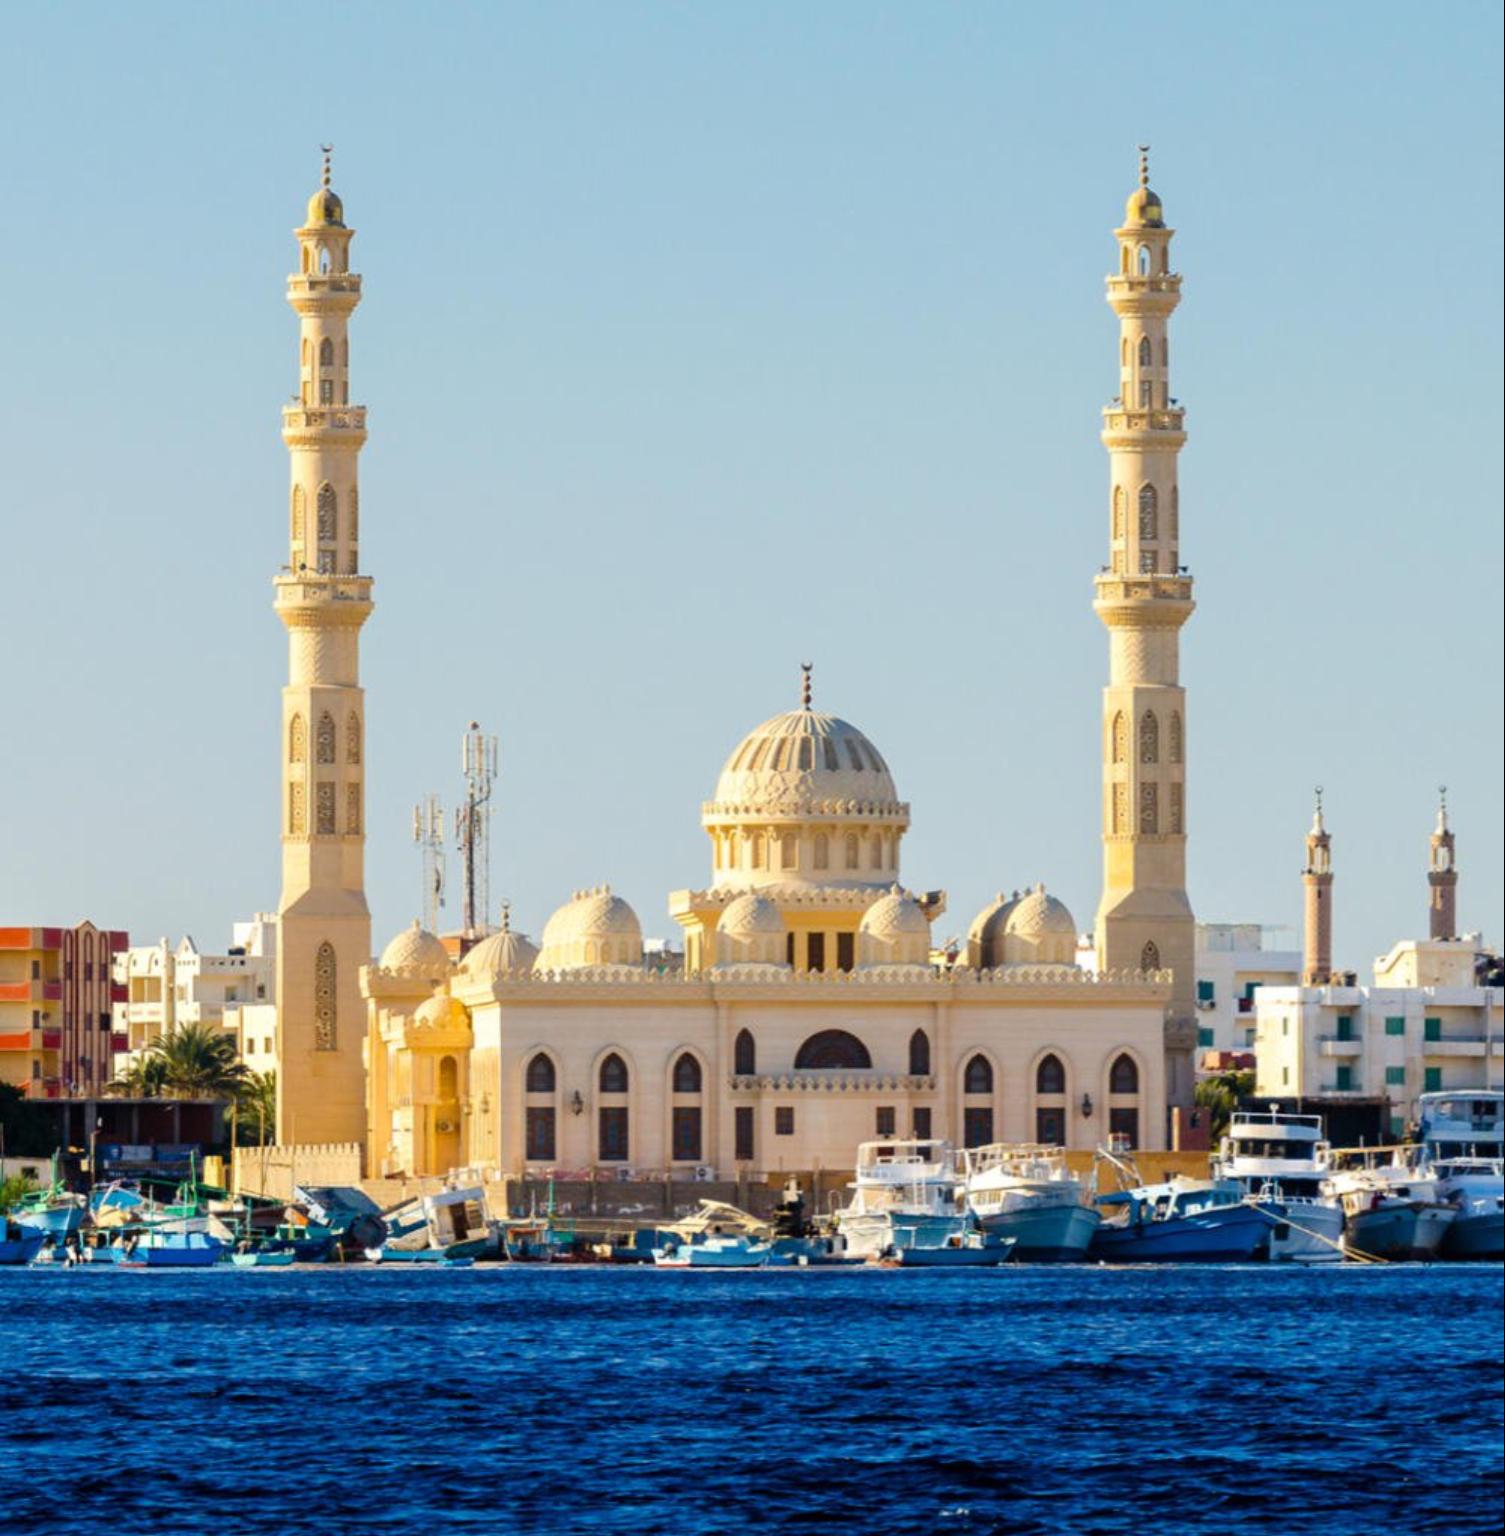 Flüge: Ägypten [Okt. - März] Hin und Zurück von Berlin und Basel nach Hurghada oder Marsa Alam ab nur 69€ inkl. Handgepäck